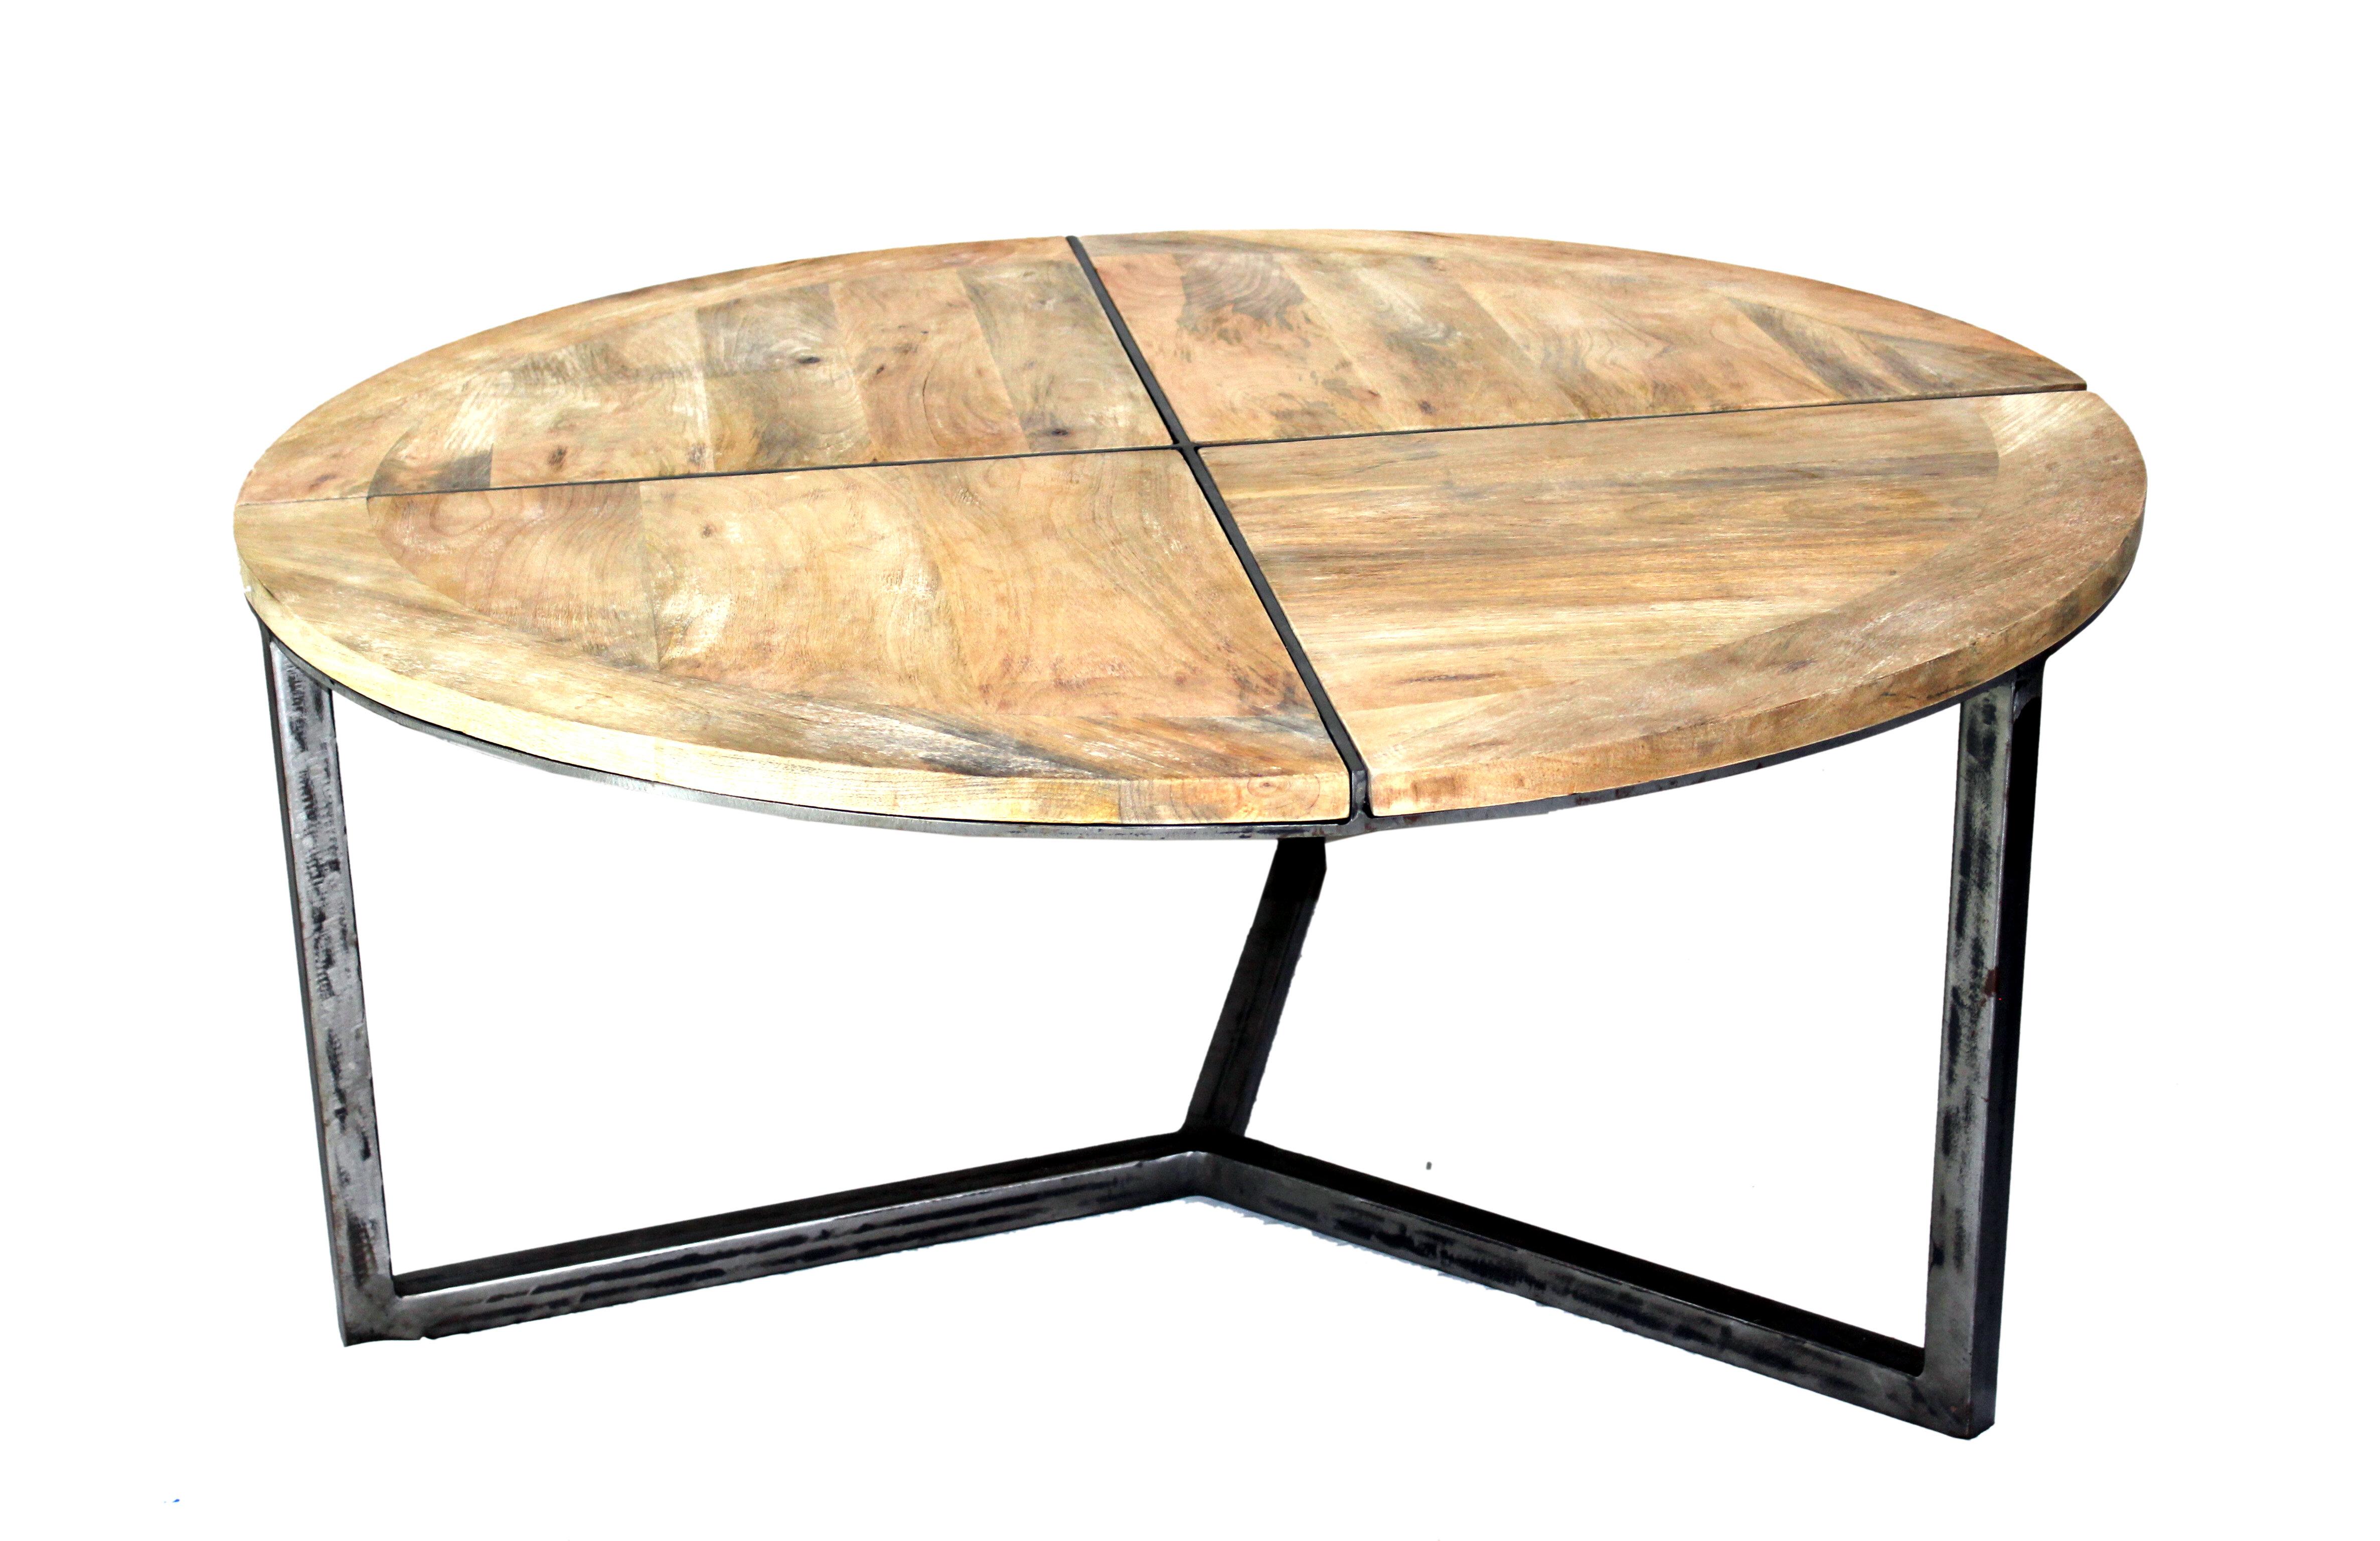 - Loon Peak Asbury Distressed Coffee Table Wayfair